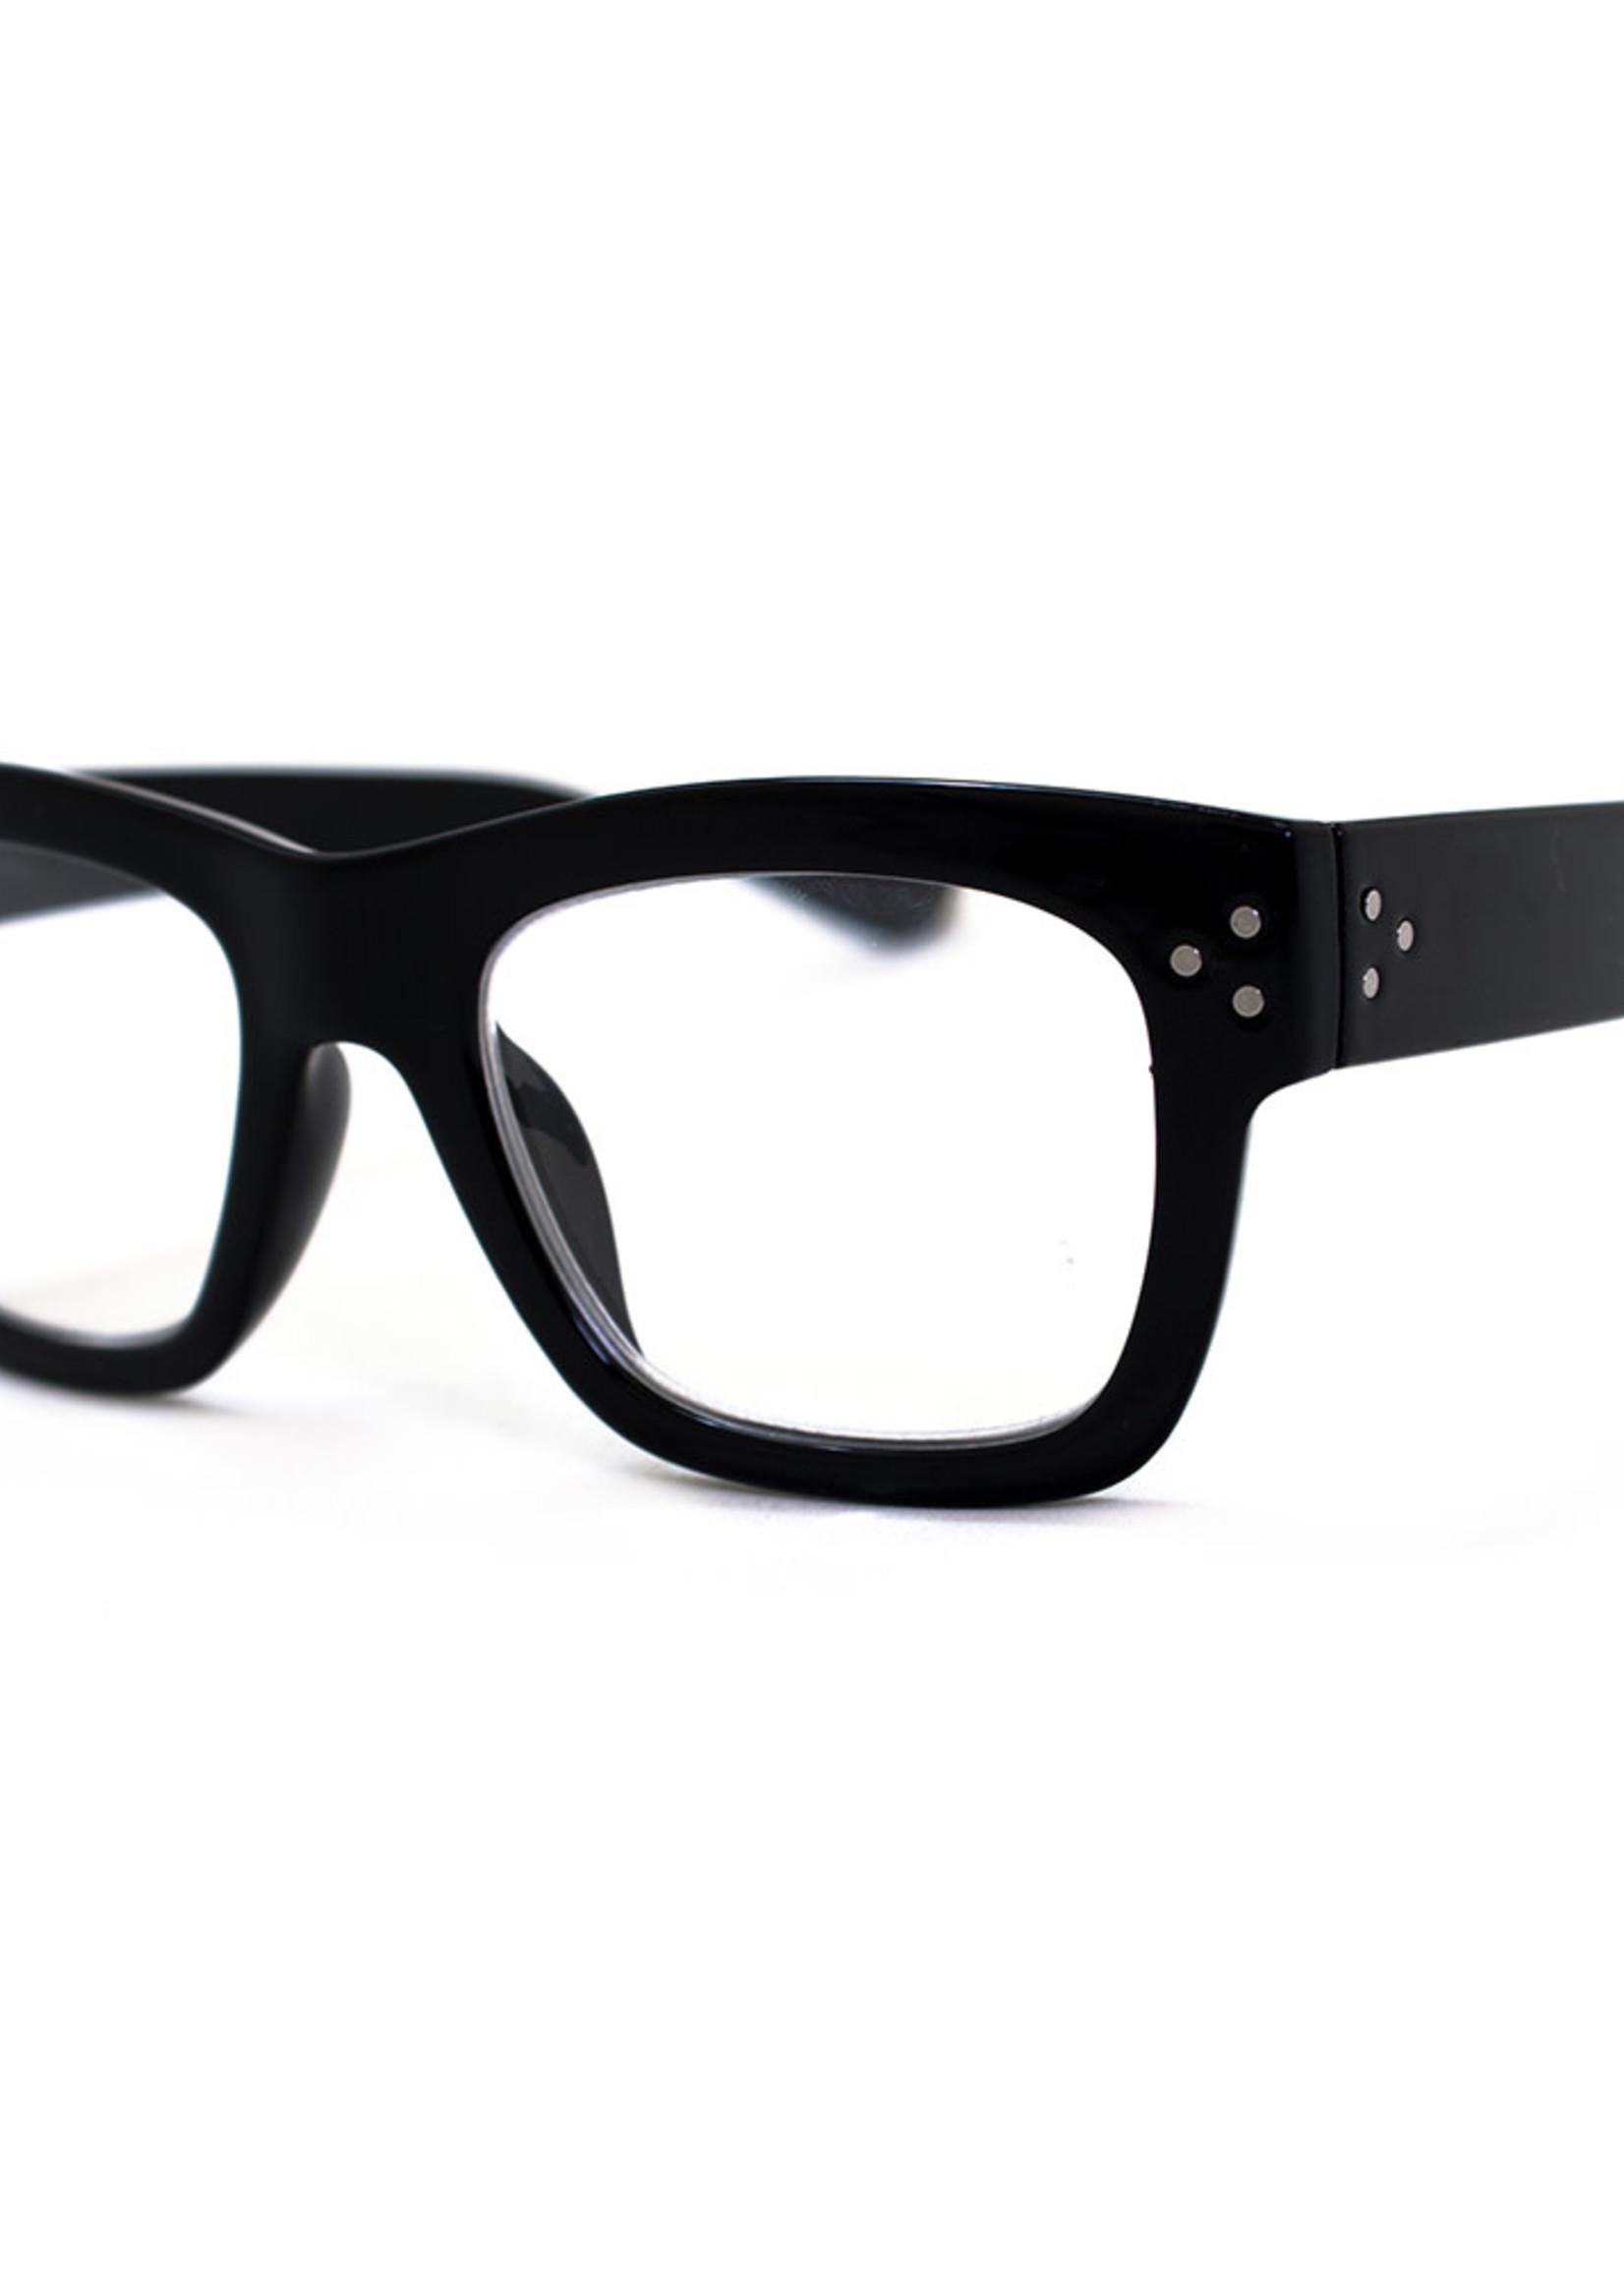 A.J. Morgan Reader Glasses Substantial